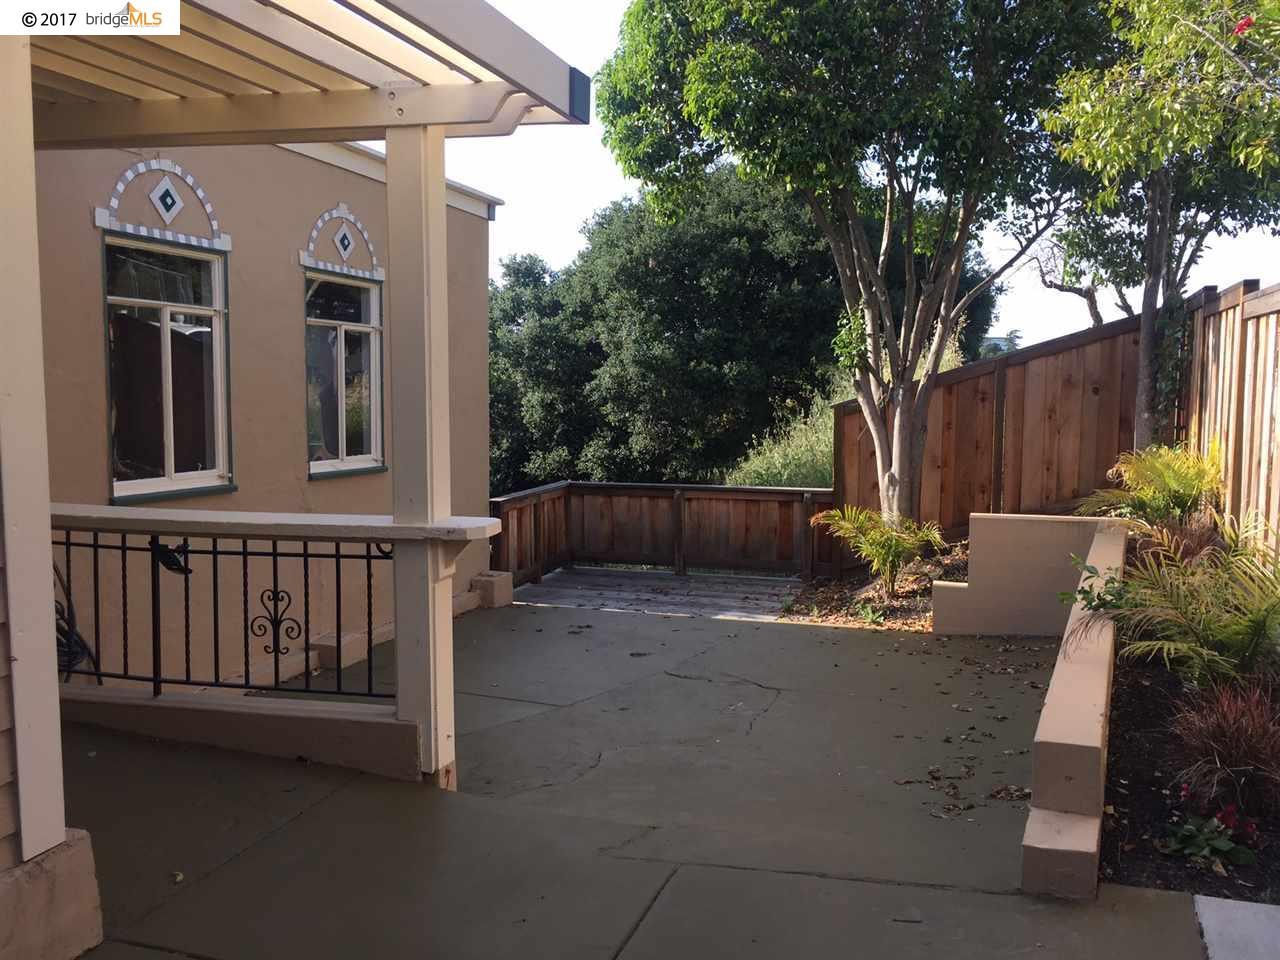 コンドミニアム のために 賃貸 アット 2220 S Crest Avenue Martinez, カリフォルニア 94553 アメリカ合衆国